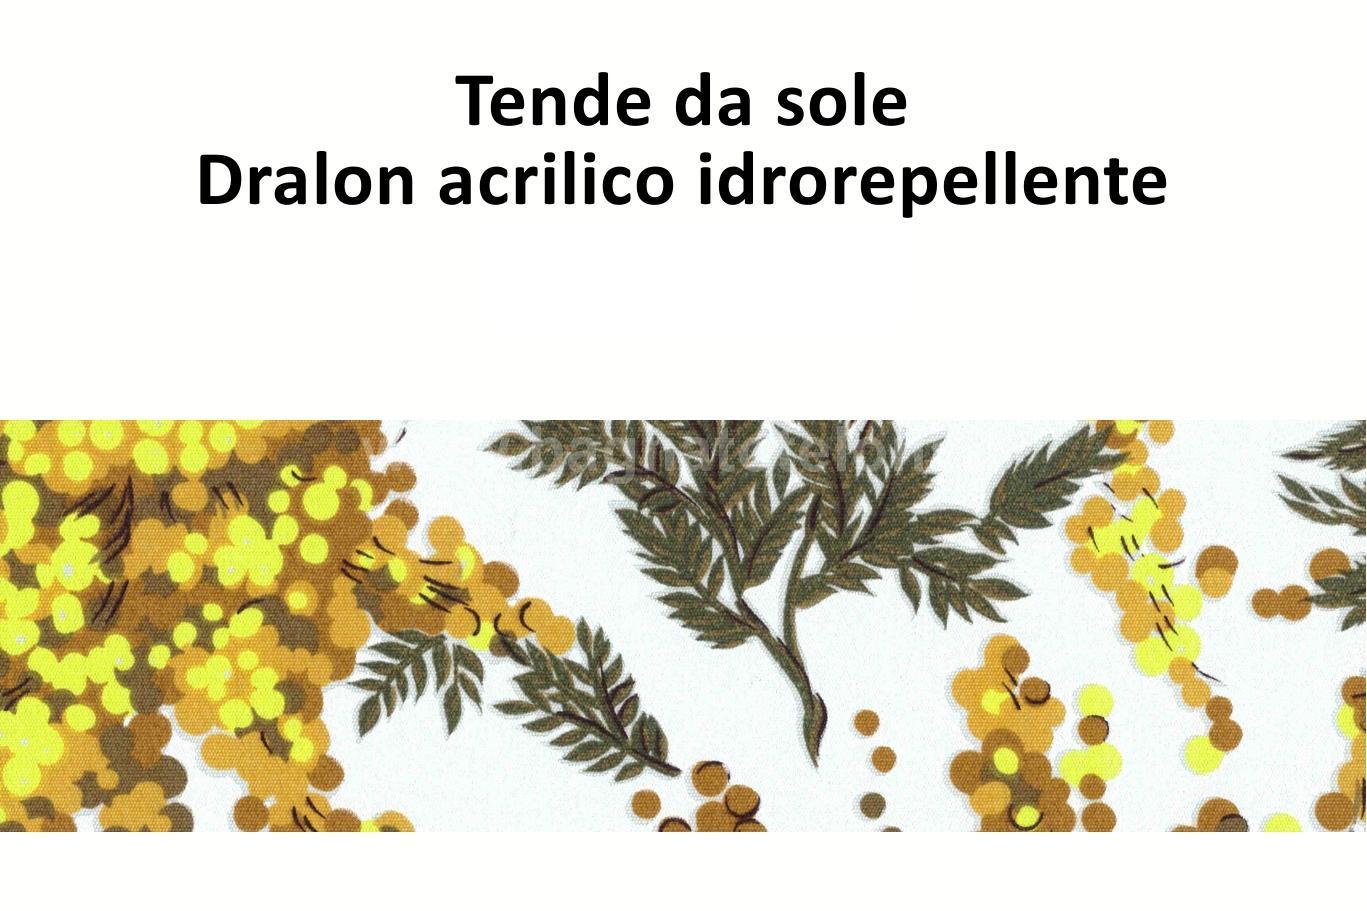 tende da sole dralon acrilico idrorepellente mimosa